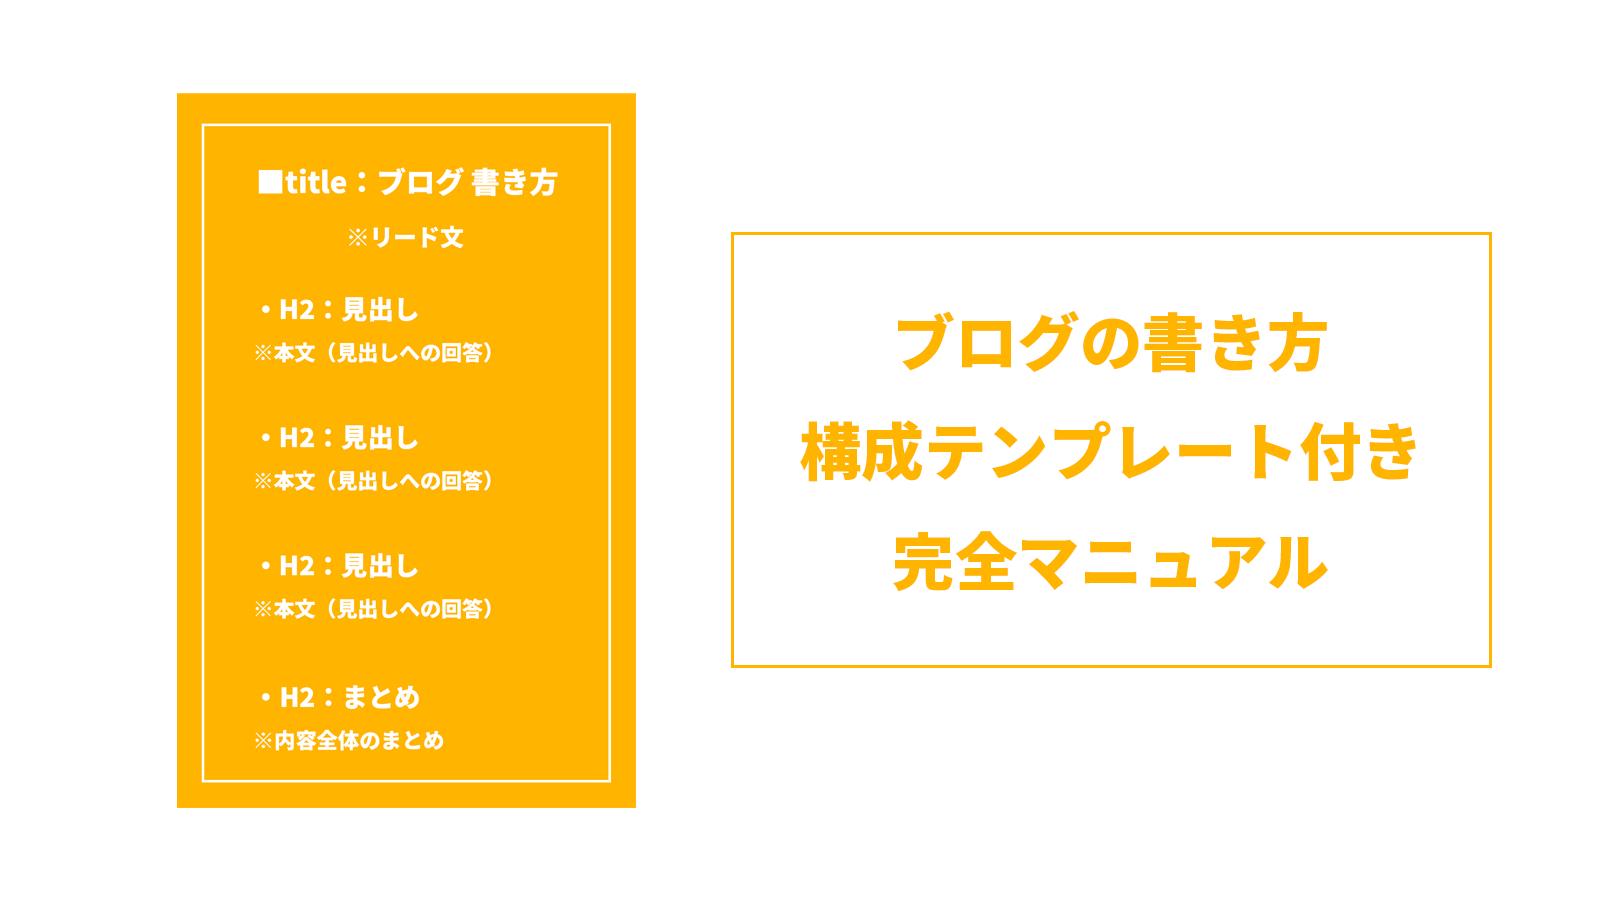 ブログの書き方(記事構成テンプレート&例文付き)